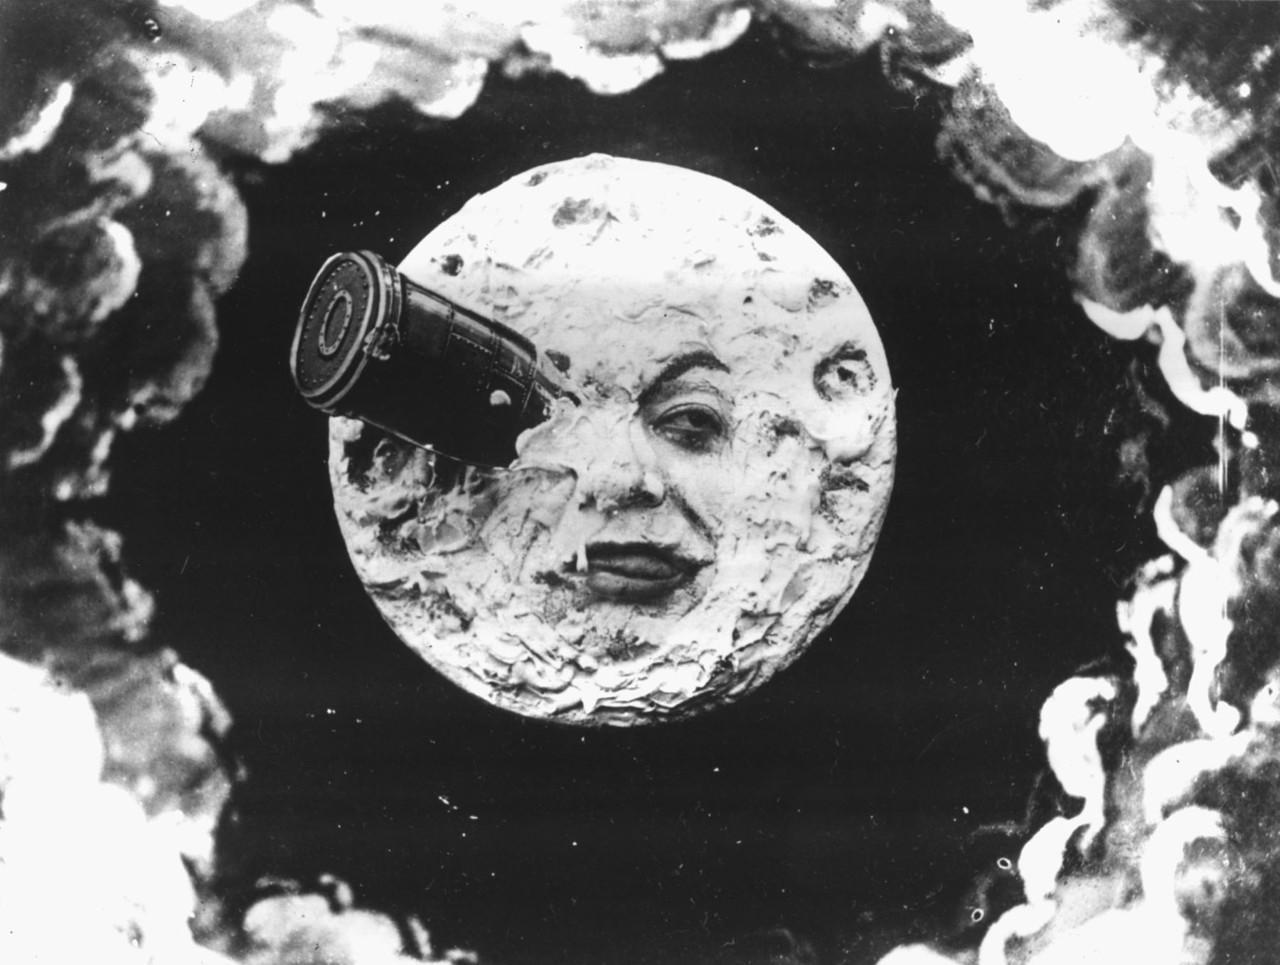 viagem-a-lua